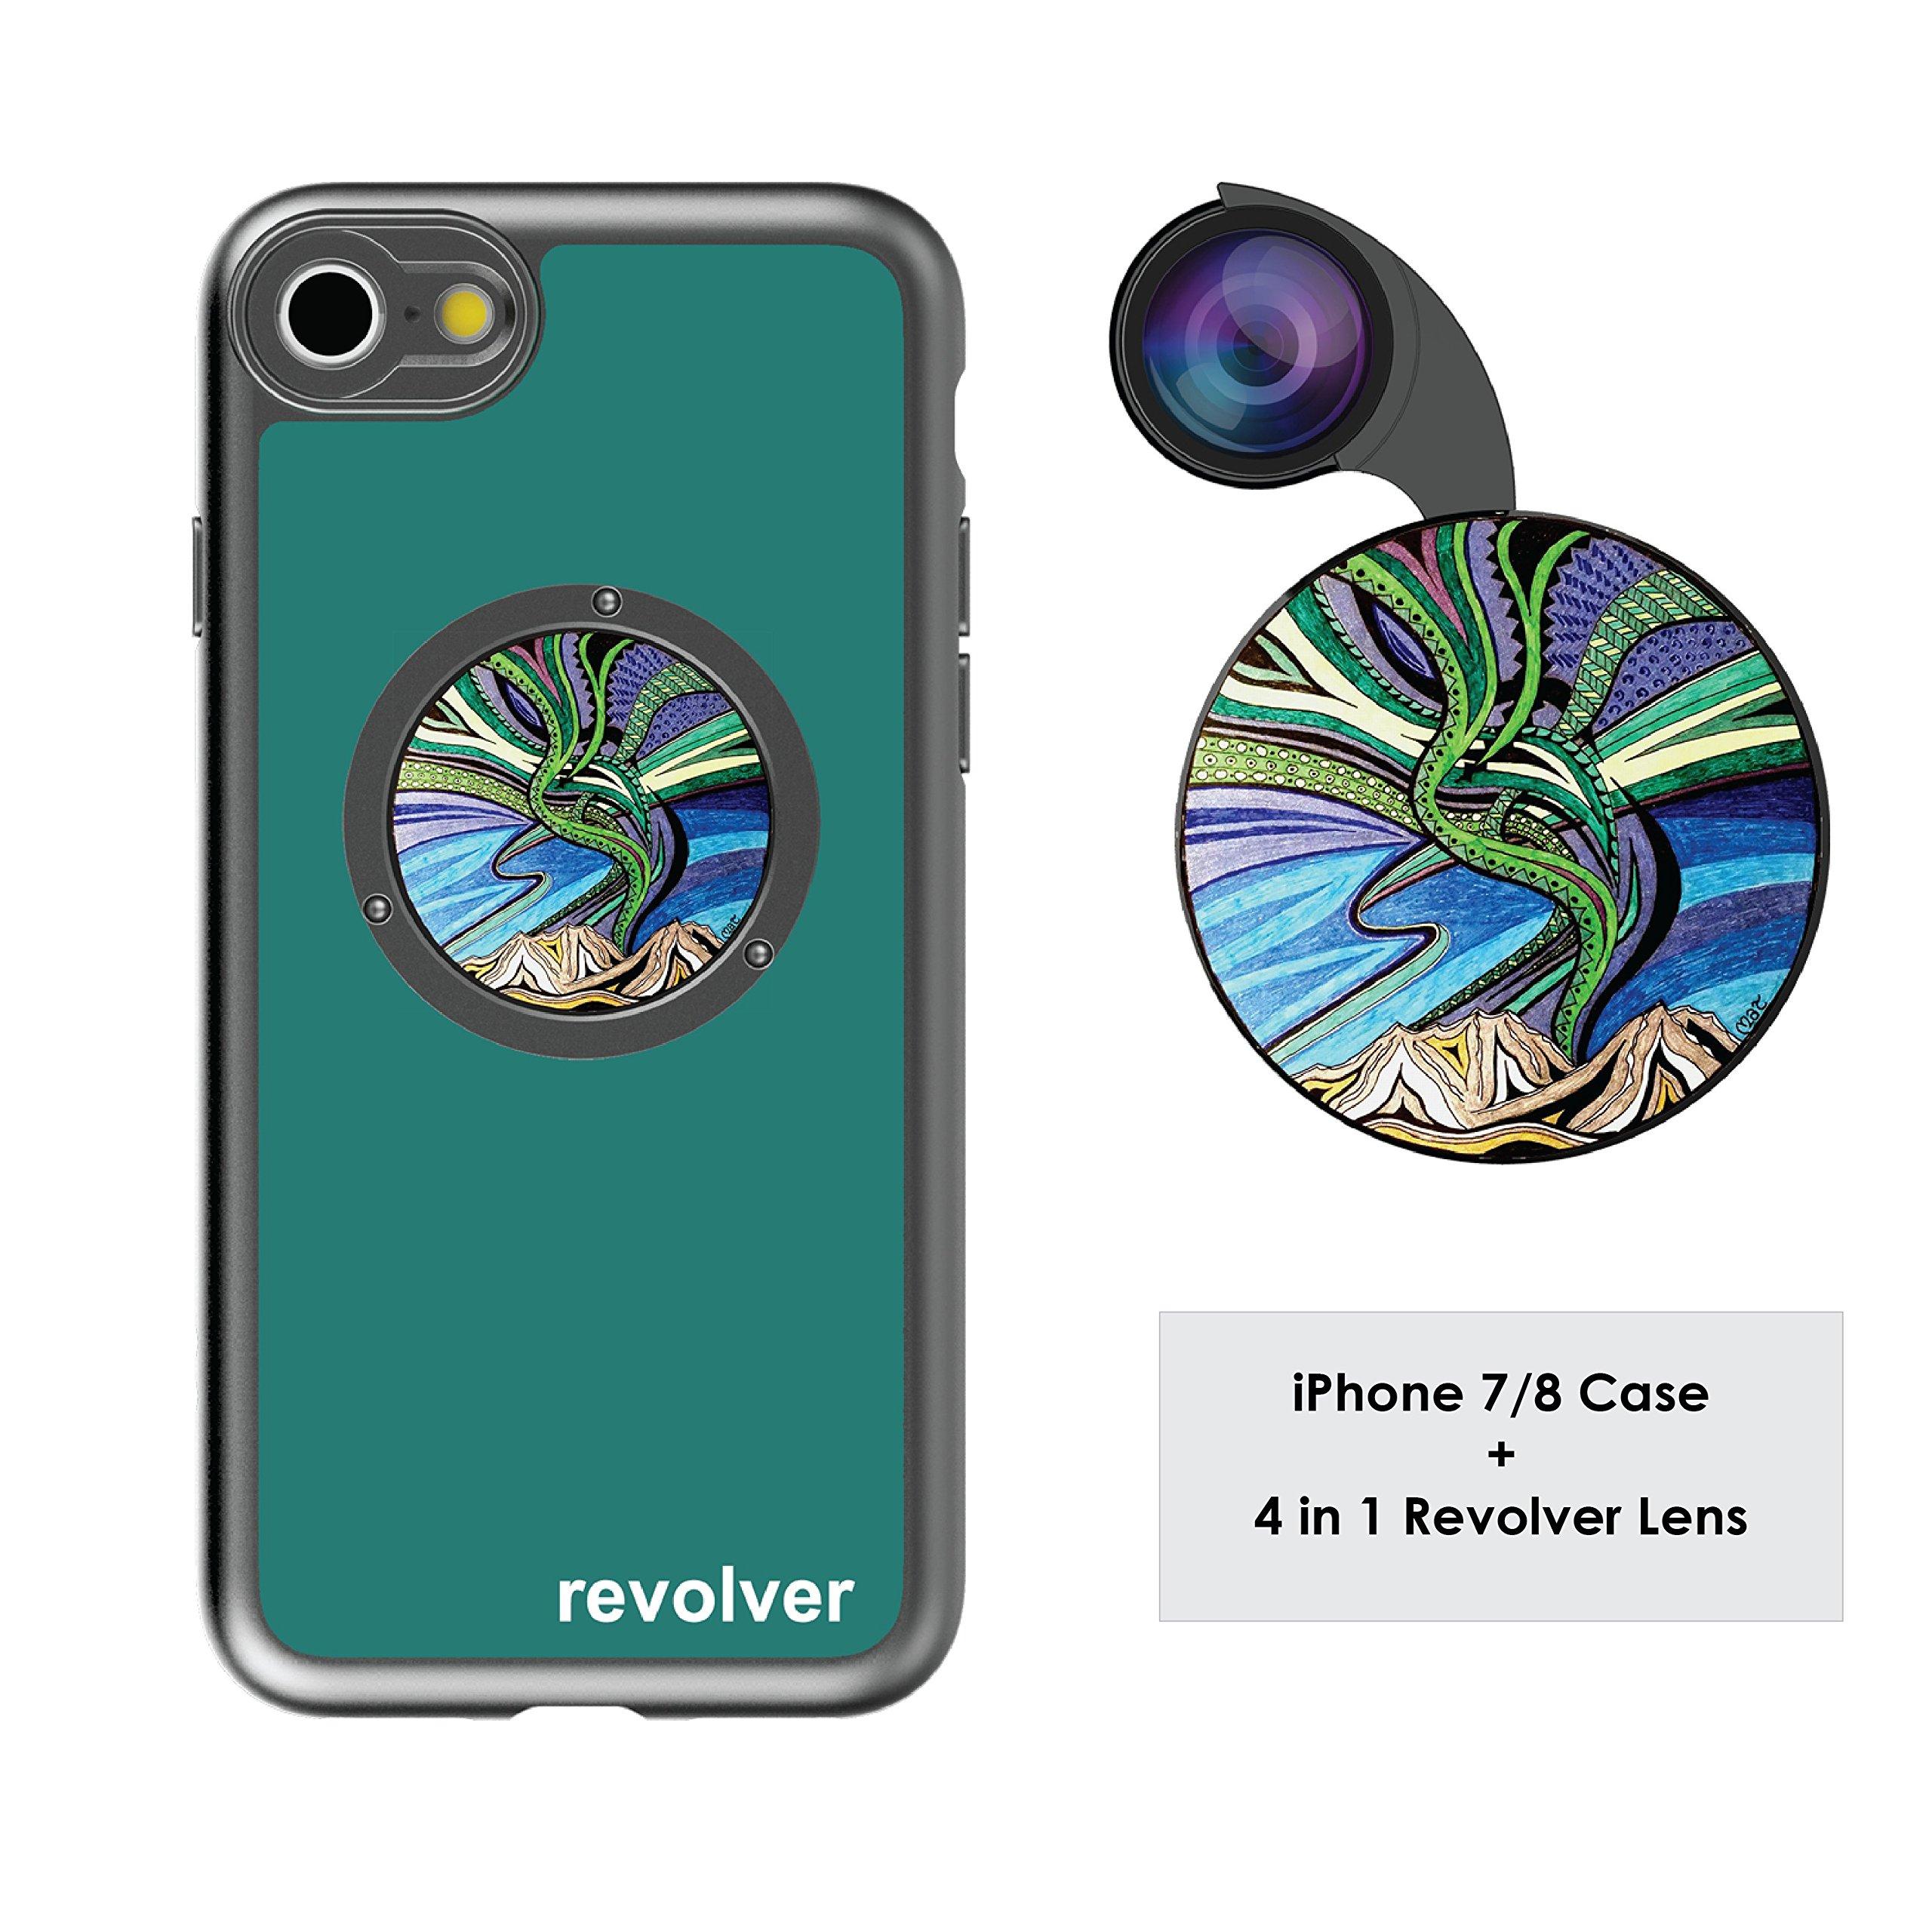 Funda y 4  Lentes Ztylus Revolver p/ iPhone 7/8 - Aurora ...